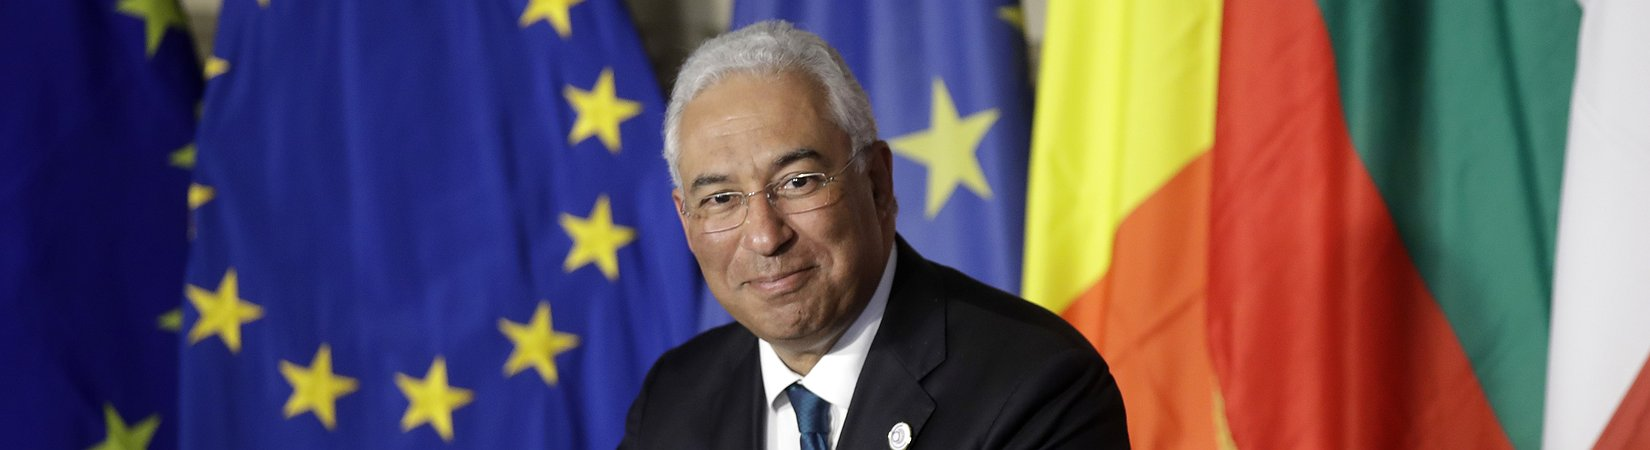 7 Países do sul da Europa reúnem para discutir o futuro da União Europeia